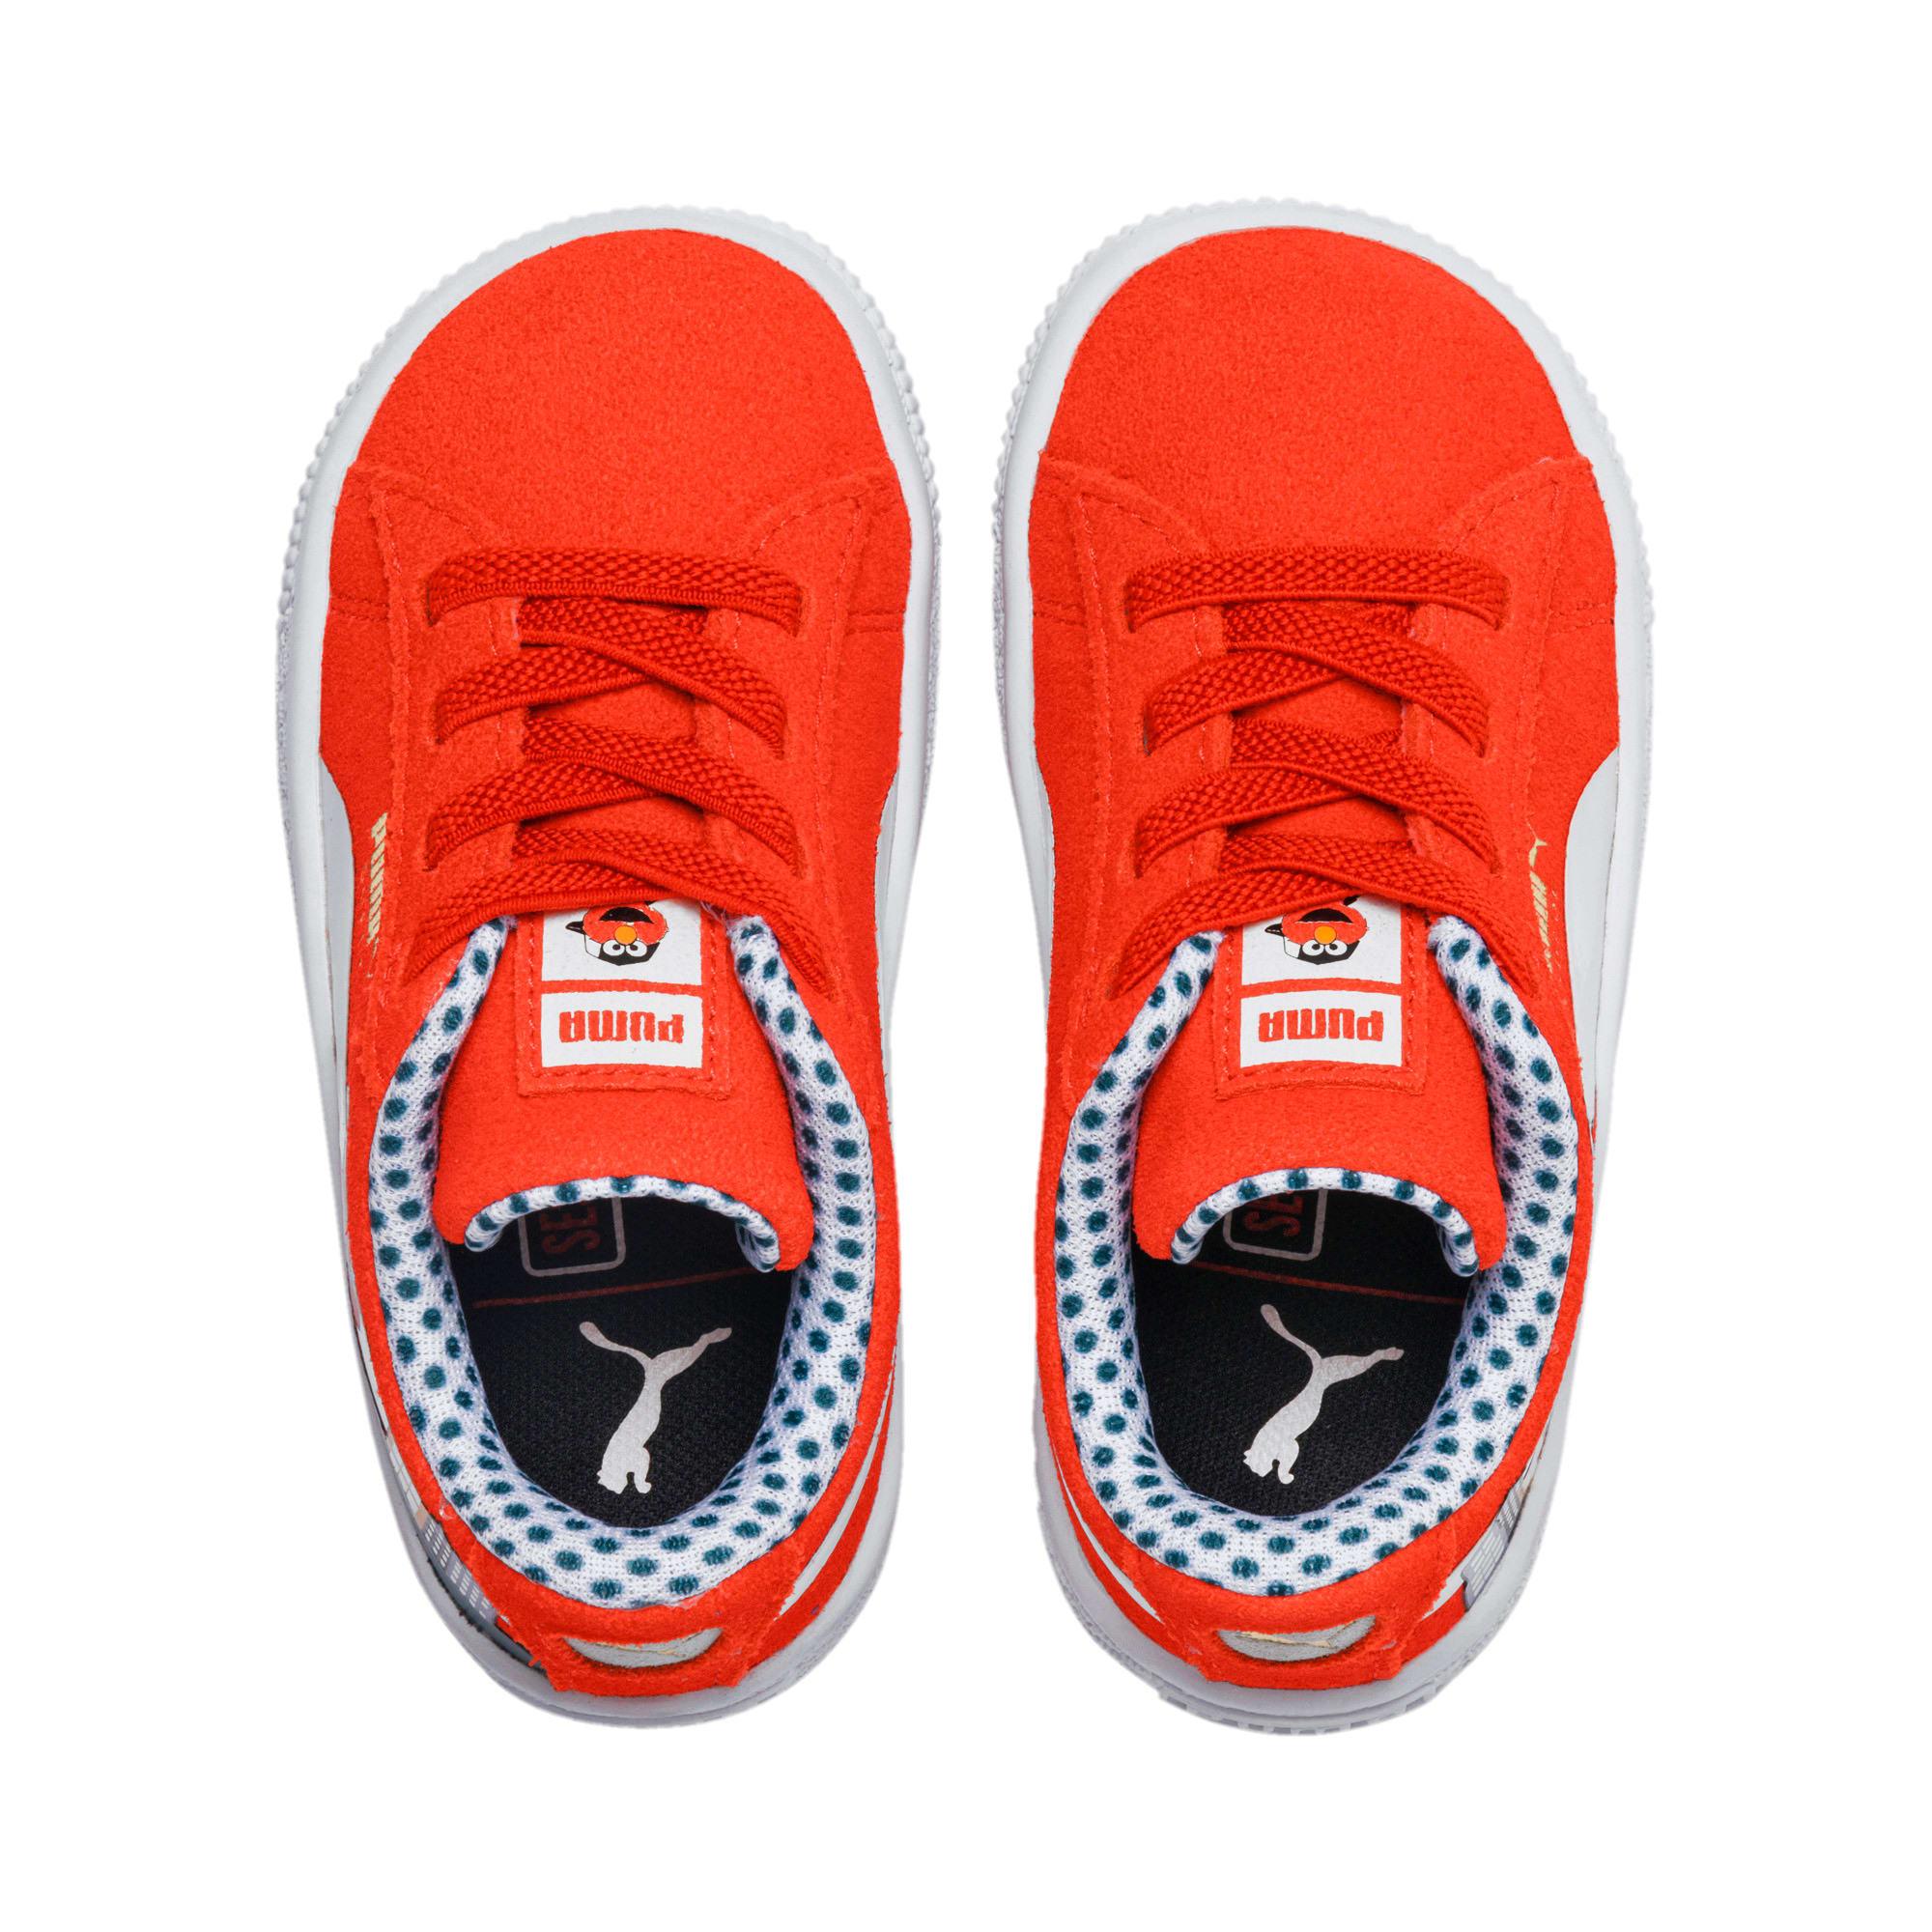 Thumbnail 6 of Sesame Street 50 Suede Toddler Shoes, Cherry Tomato-Puma White, medium